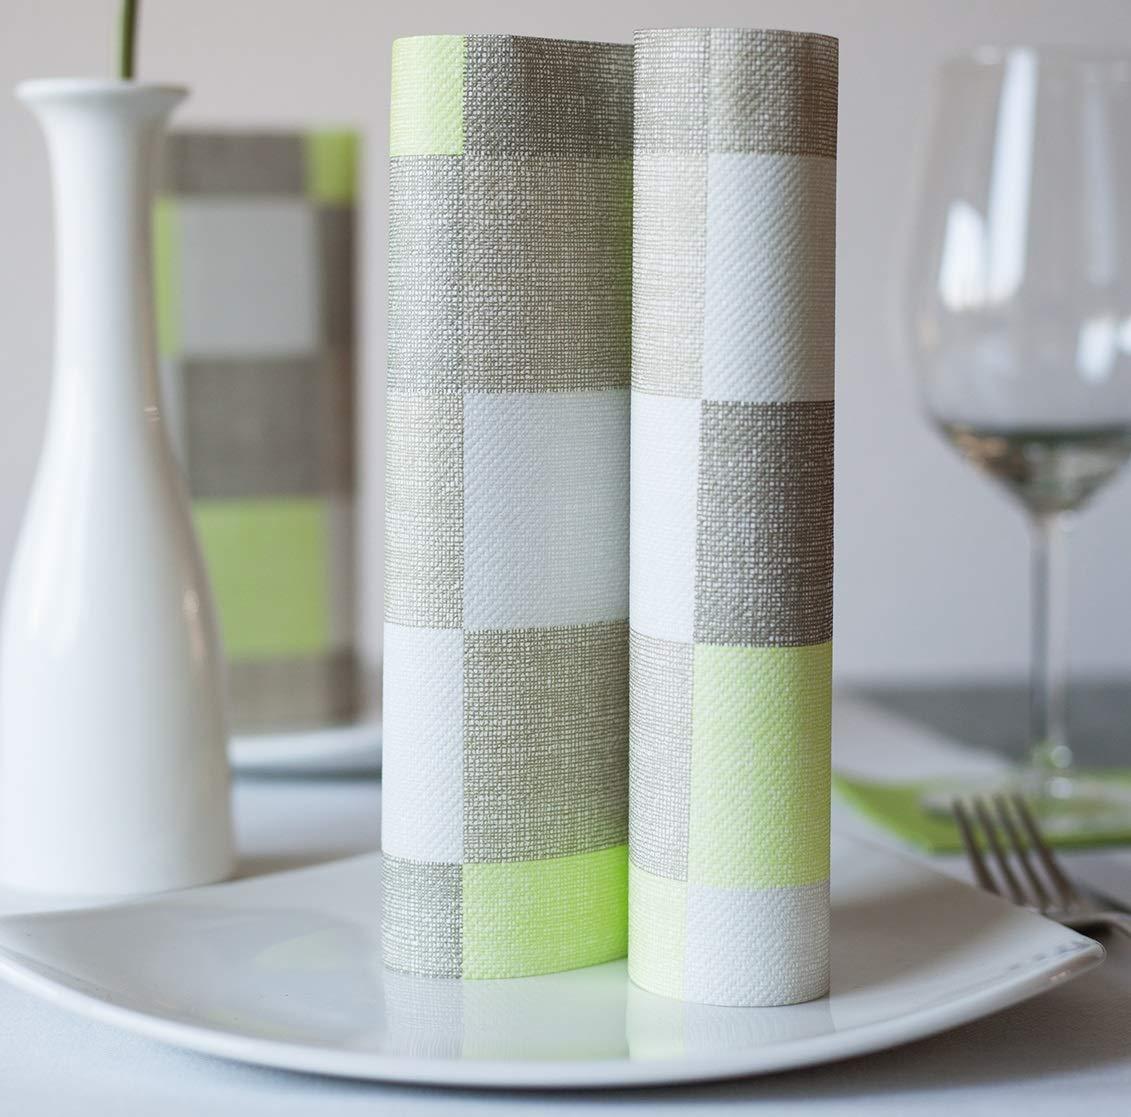 stoffähnlich stoffoptik 125 Stück grün für Hochzeit stoffähnlich stoffoptik hochwertige Serviette CARRÉ Airlaid 125 Stück 40 x 40cm Taufe und andere Festlichkeiten grün für Hochzeit